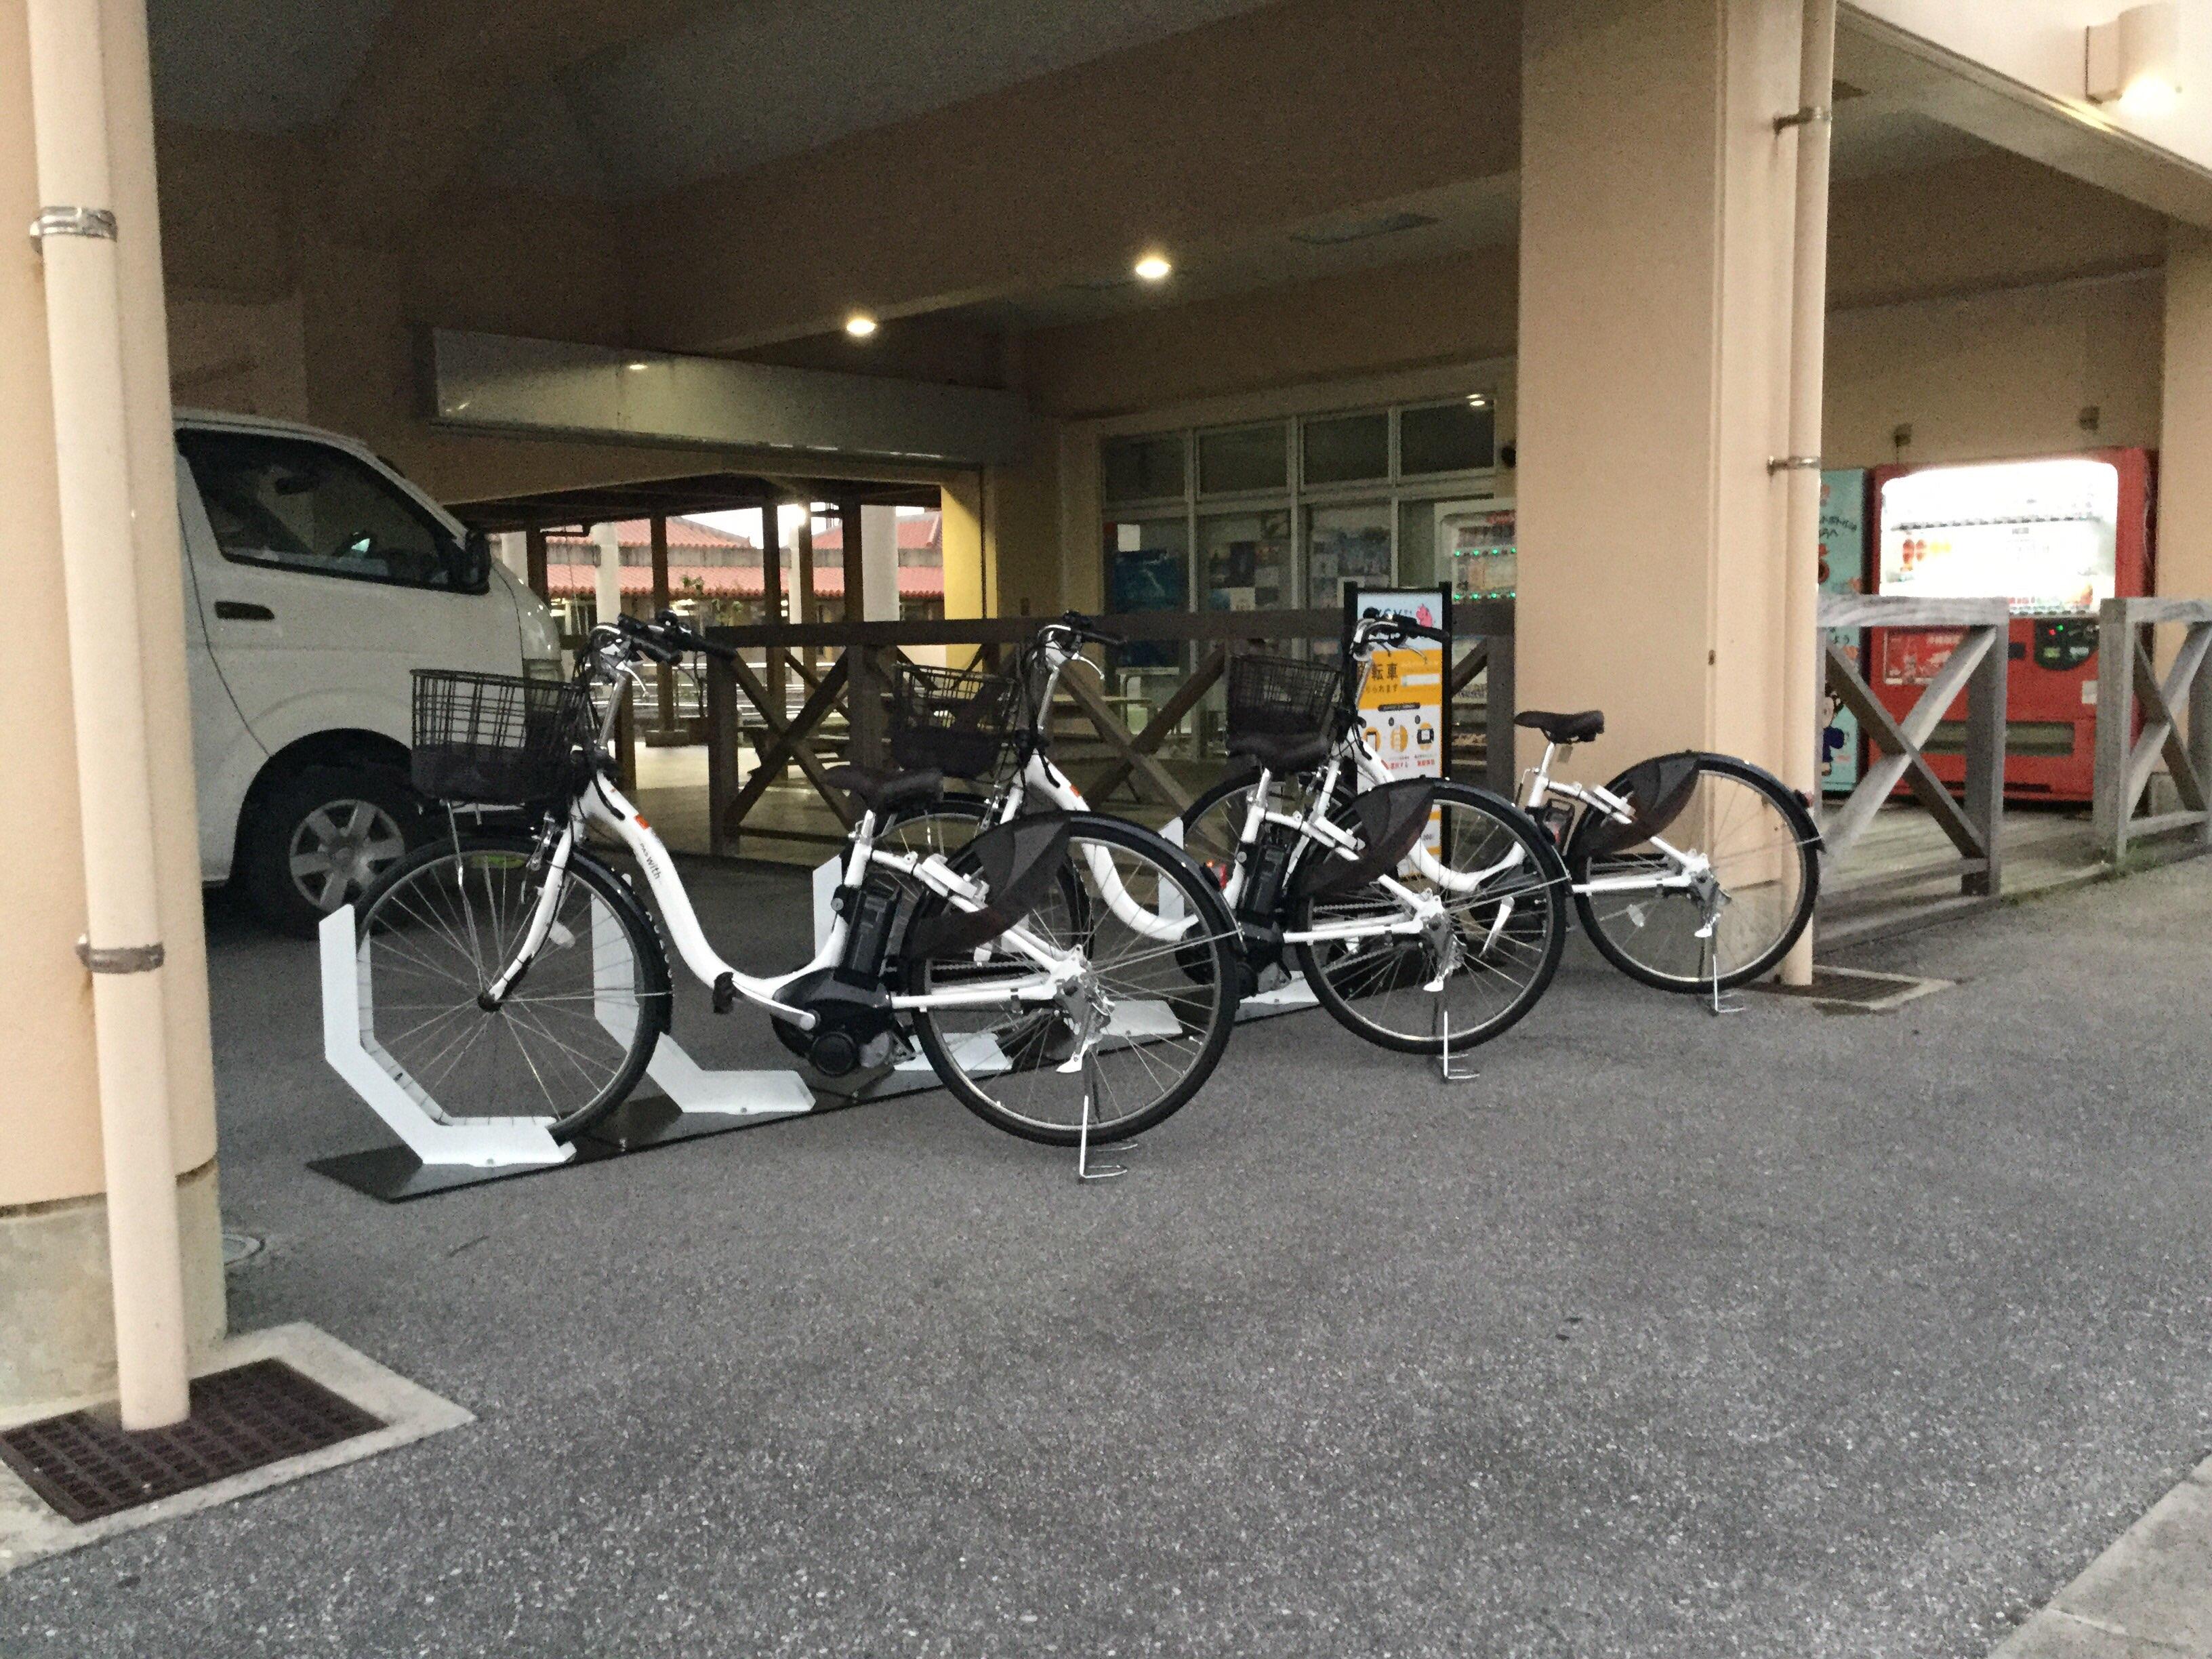 恩納村ふれあい体験センター (HELLO CYCLING ポート) image